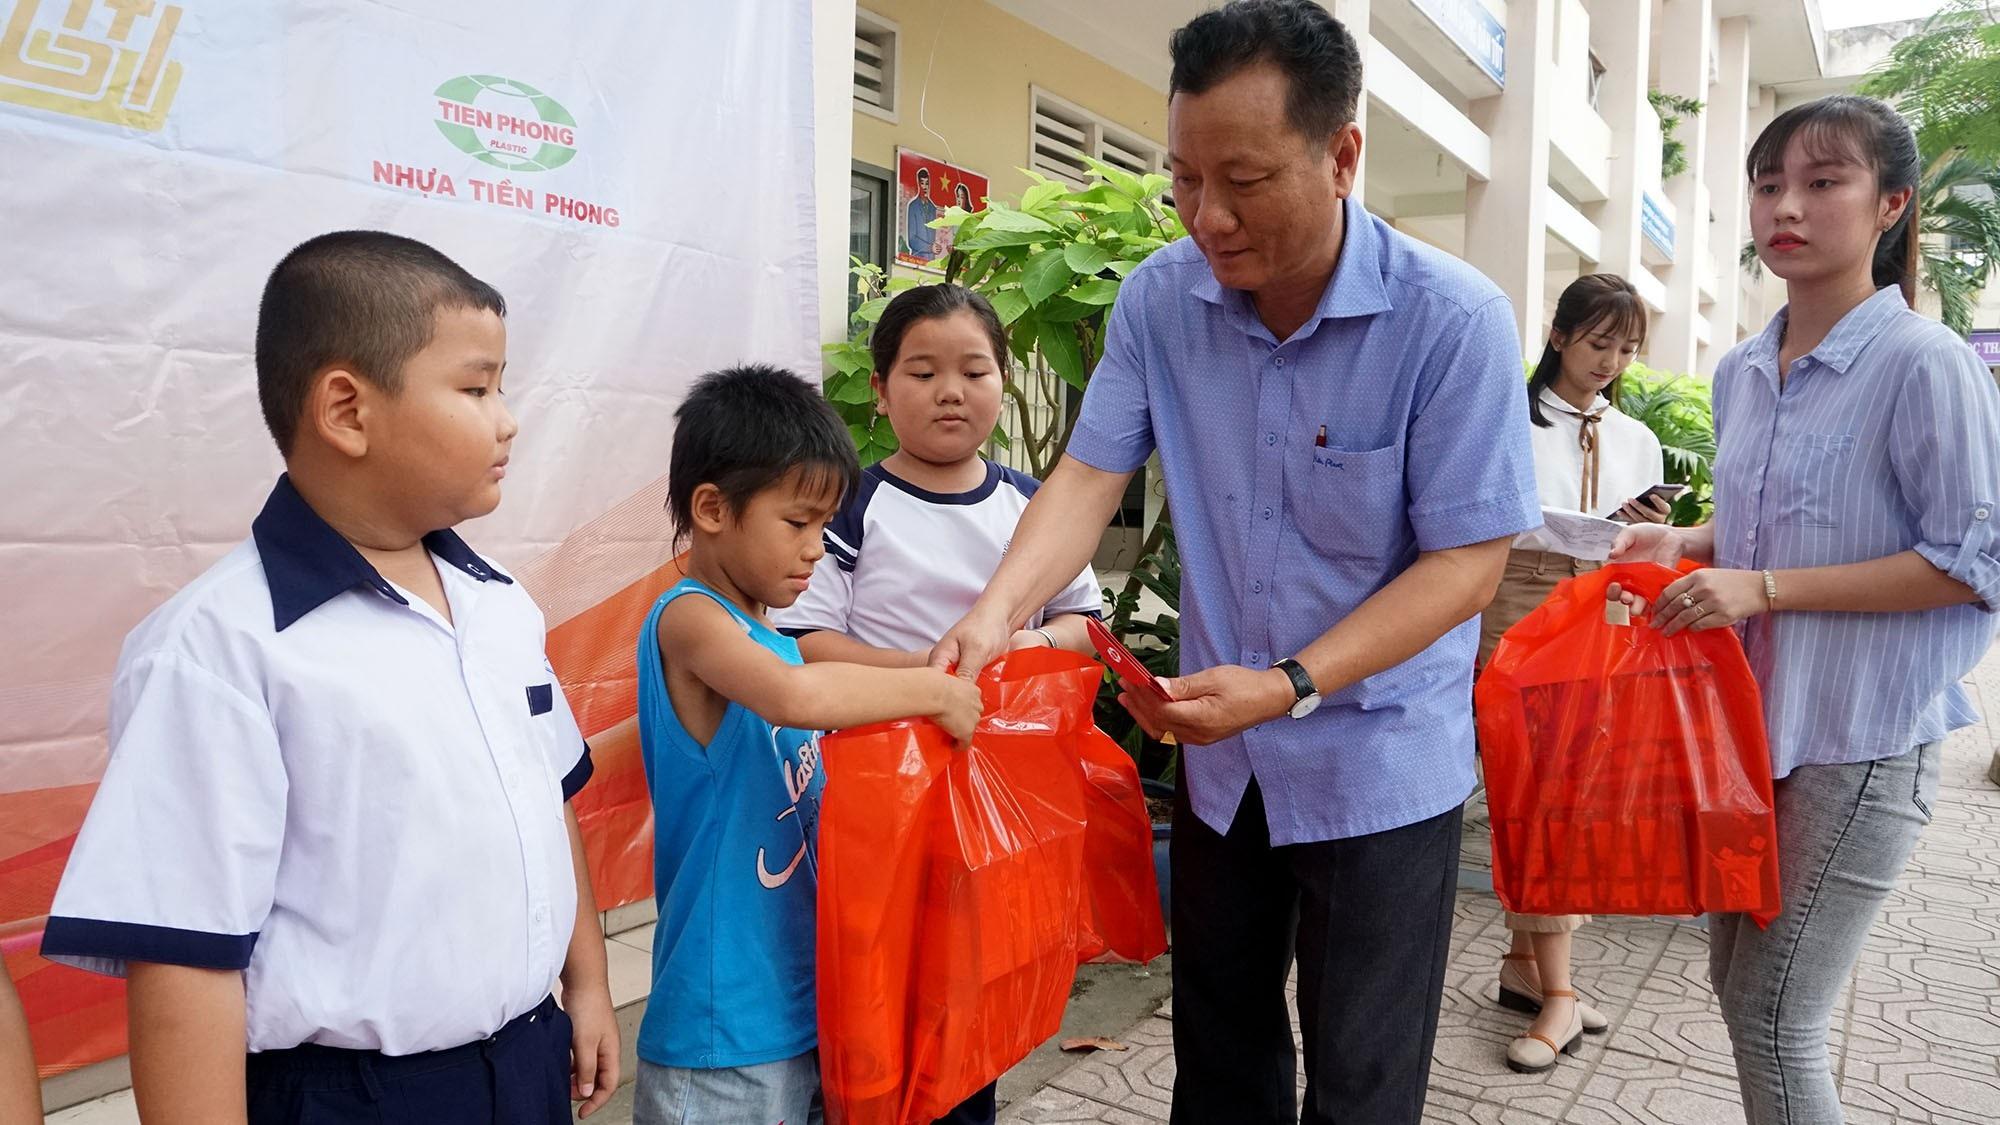 """Báo Dân trí đem """"Xuân Ấm Áp"""" đến với học sinh, giáo viên và người dân nghèo tỉnh Đồng Nai - Ảnh 6."""